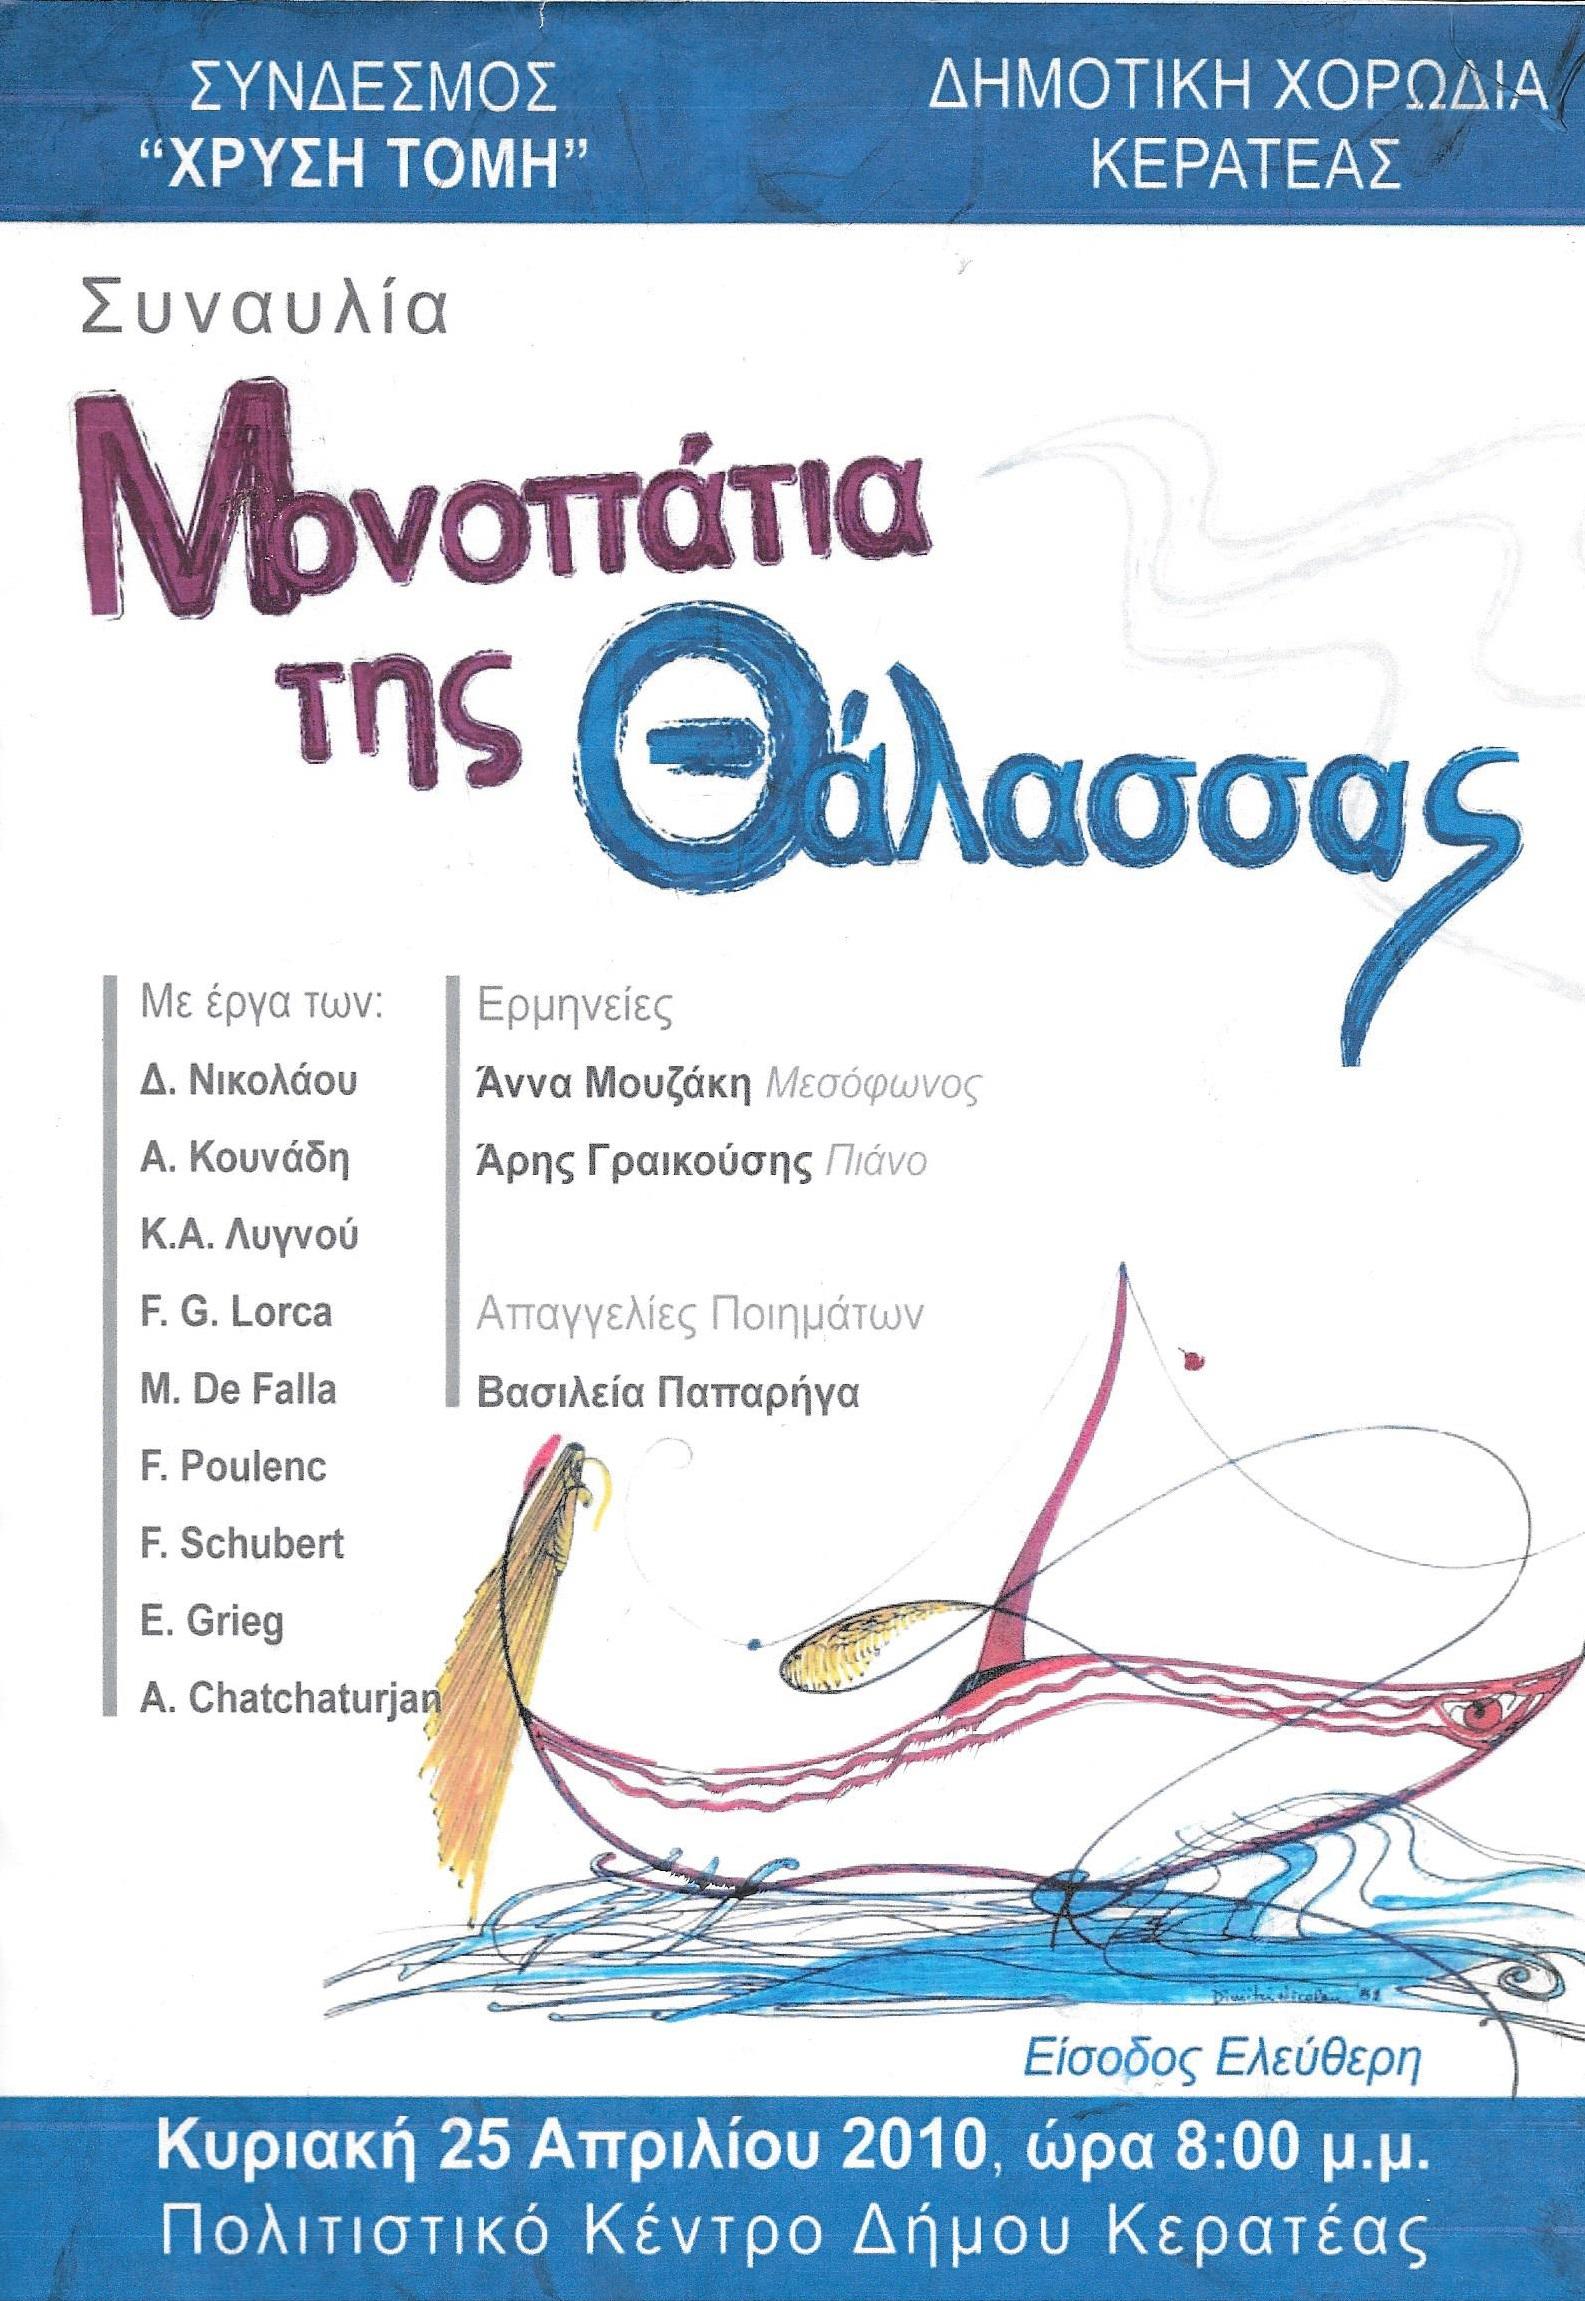 Συναυλία Μονοπάτια της Θάλασσας. Άννα Μουζάκη (μεσόφωνος) και Άρης Γραικούσης (πιάνο). Απαγγέλει ποίηση η Βασιλεία Παπαρήγα.